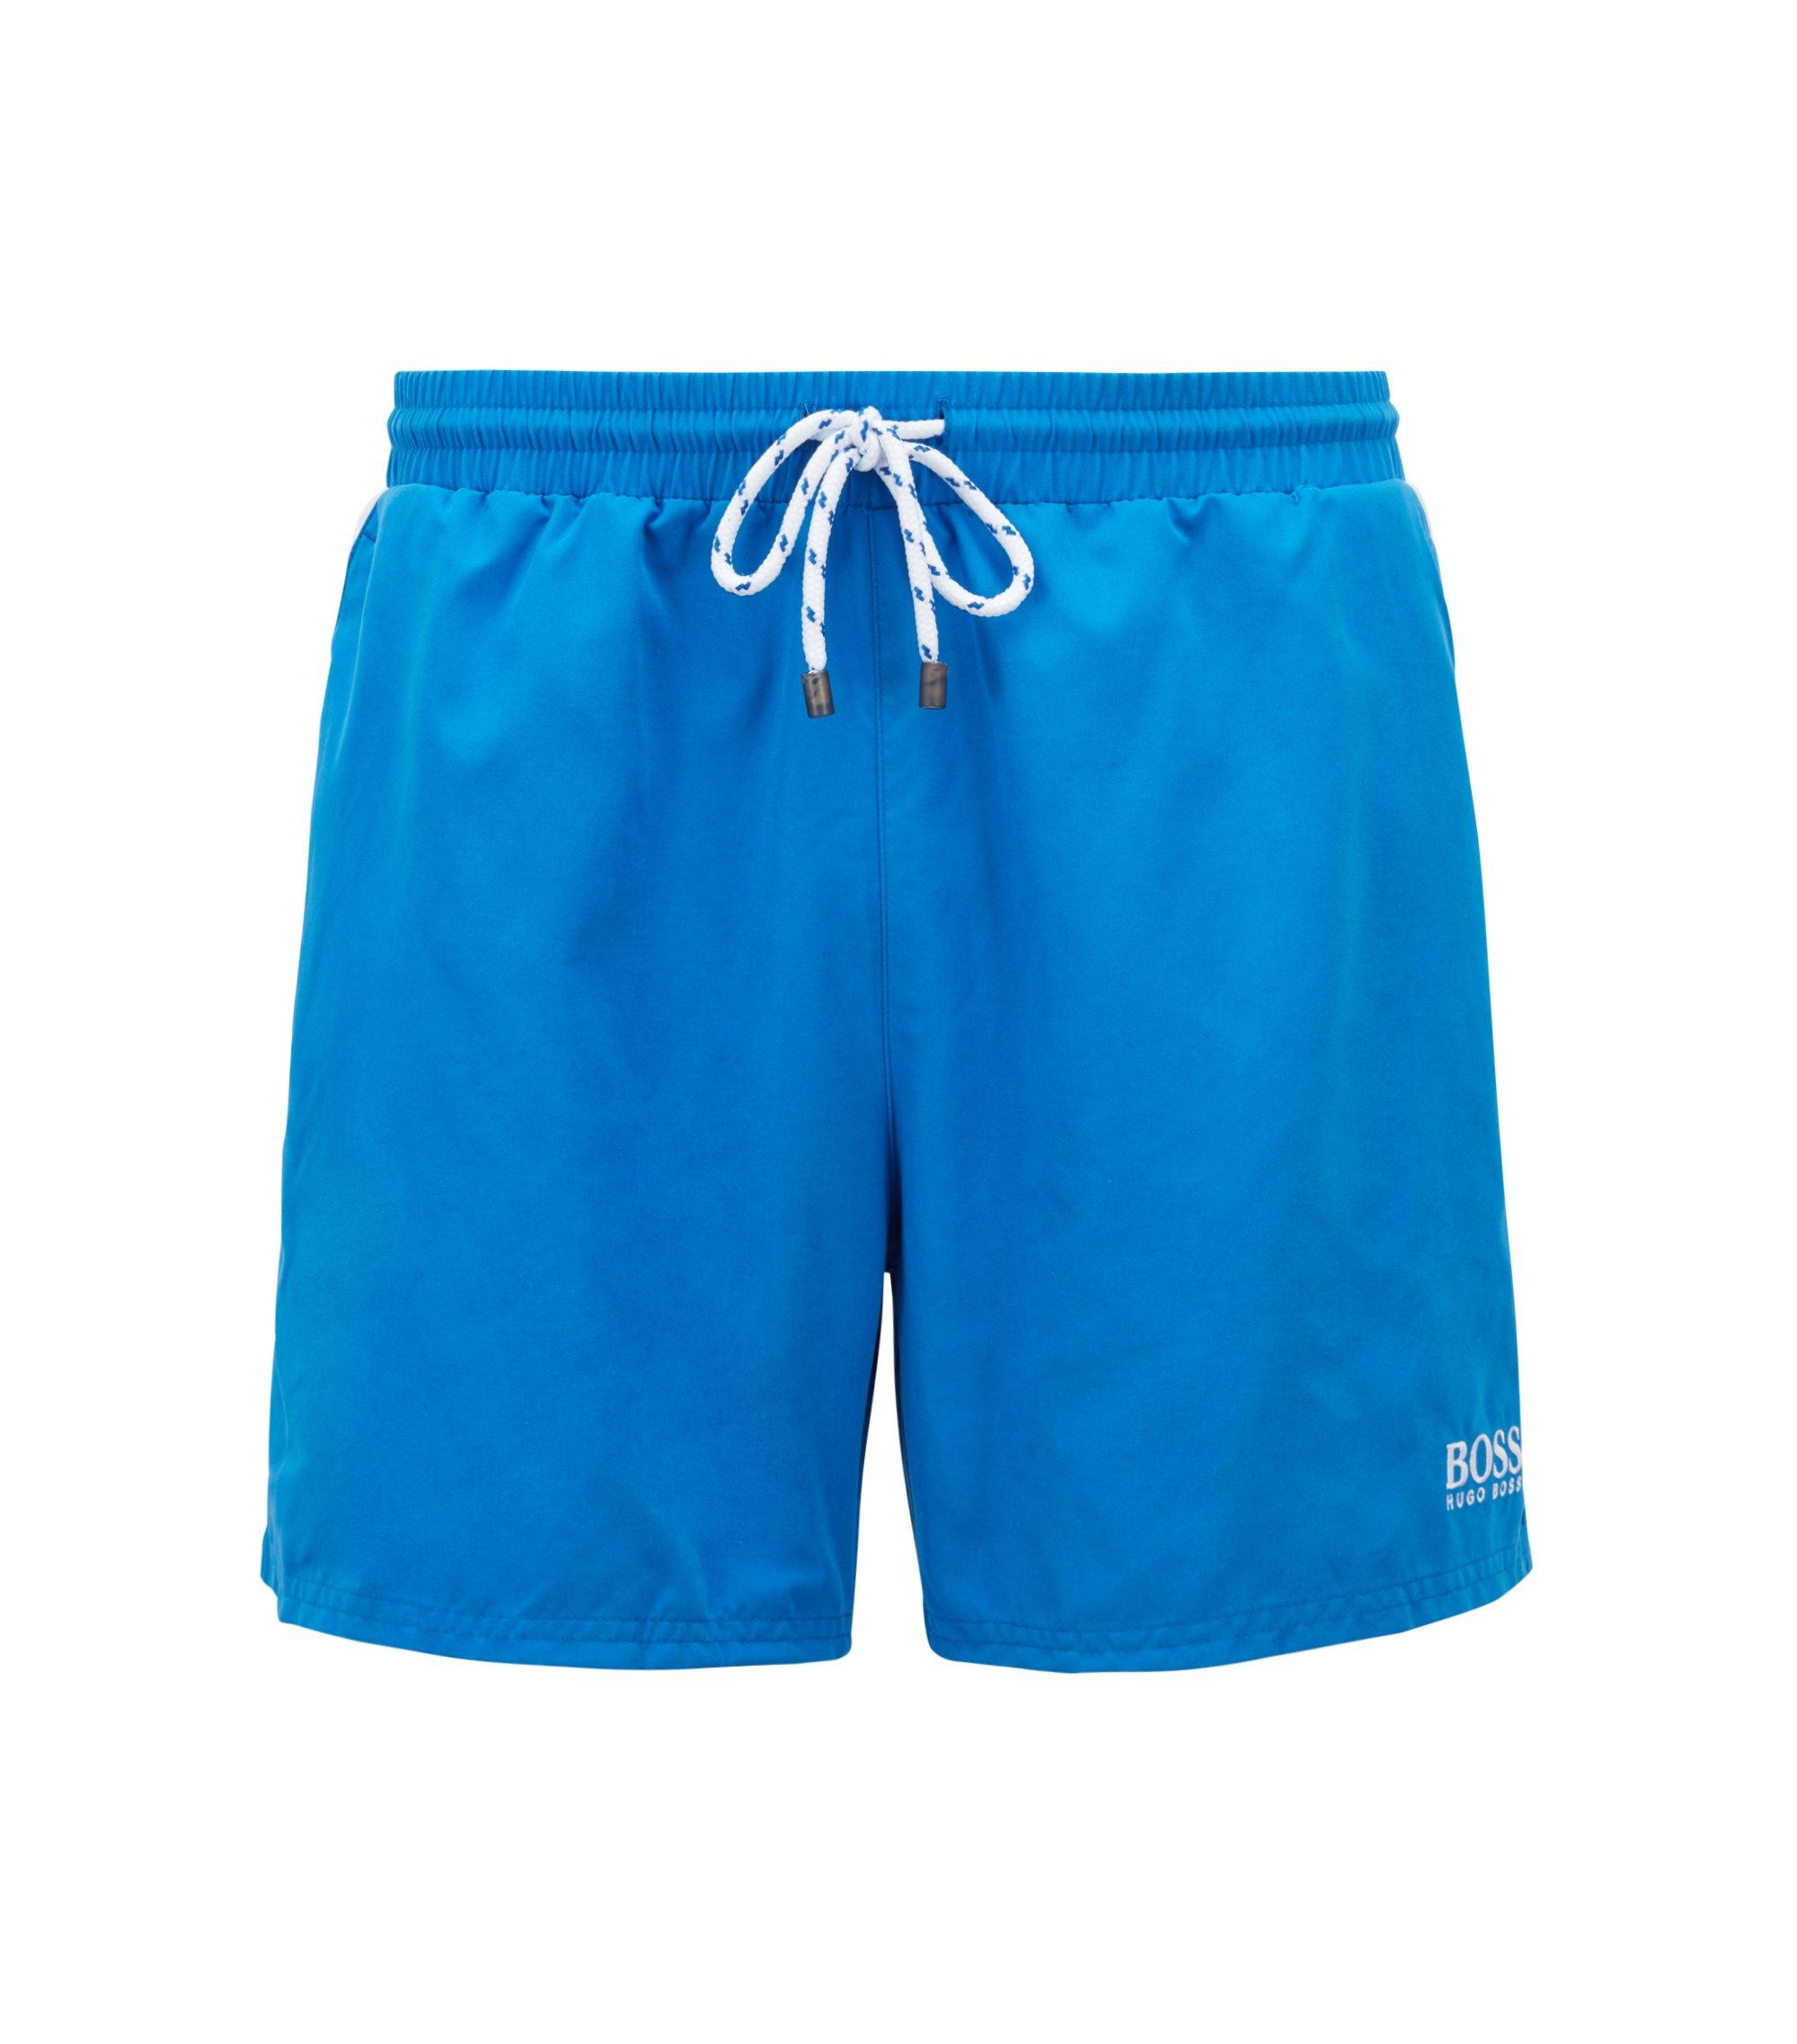 Boxer da bagno ad asciugatura rapida con dettaglio ricamato, Blu